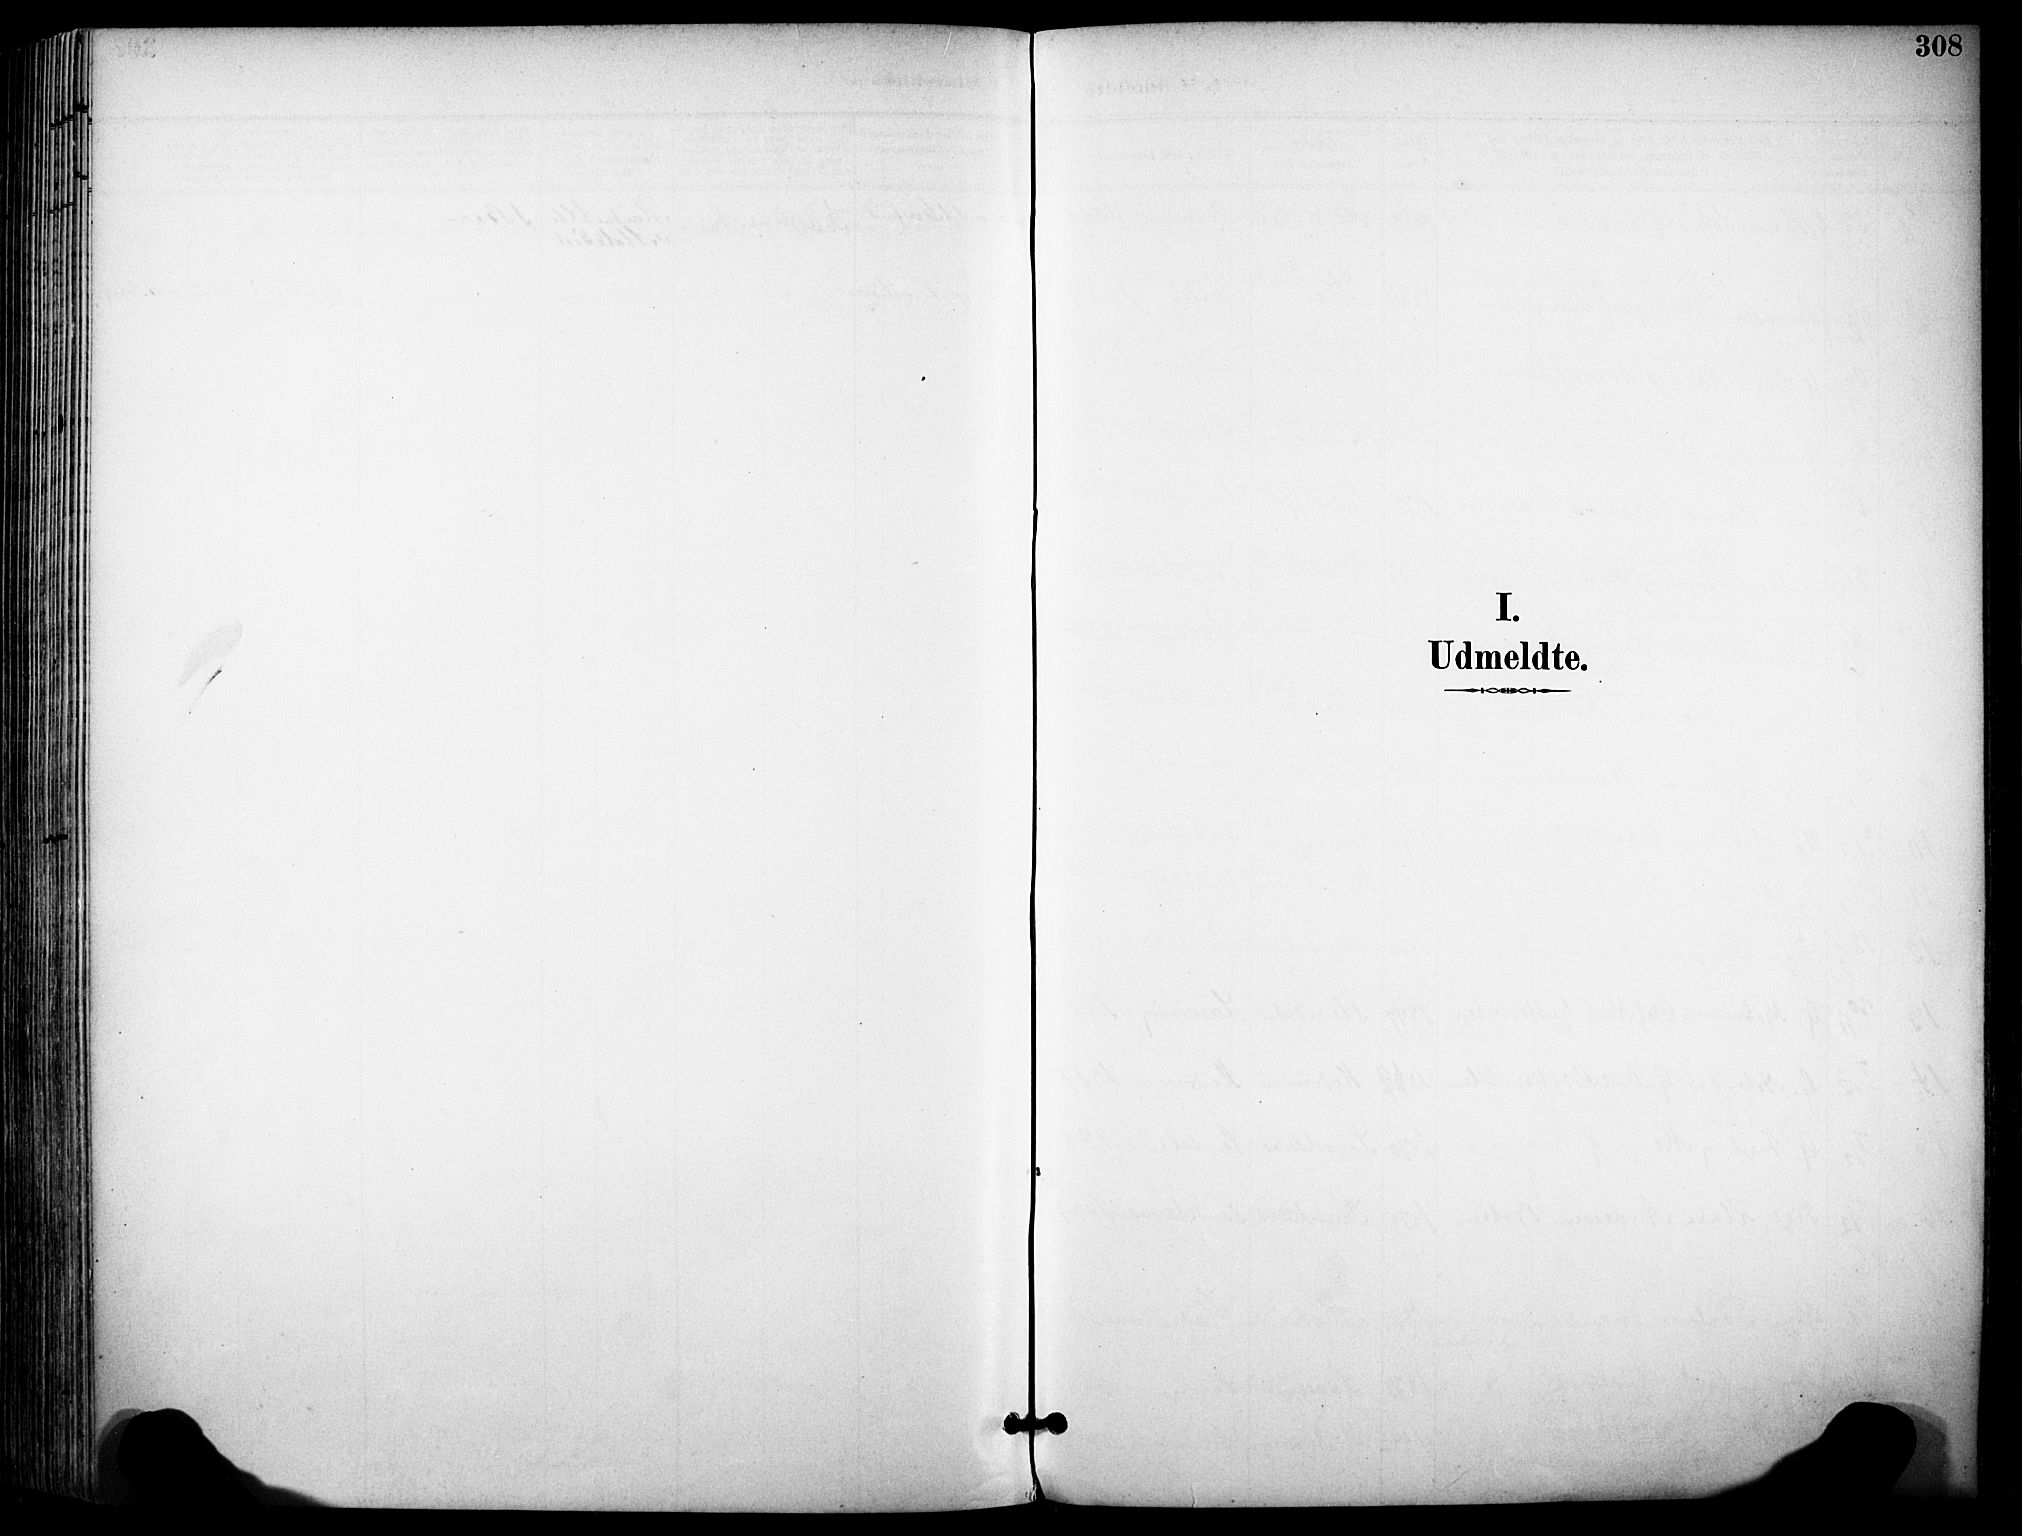 SAKO, Sandefjord kirkebøker, F/Fa/L0004: Ministerialbok nr. 4, 1894-1905, s. 308